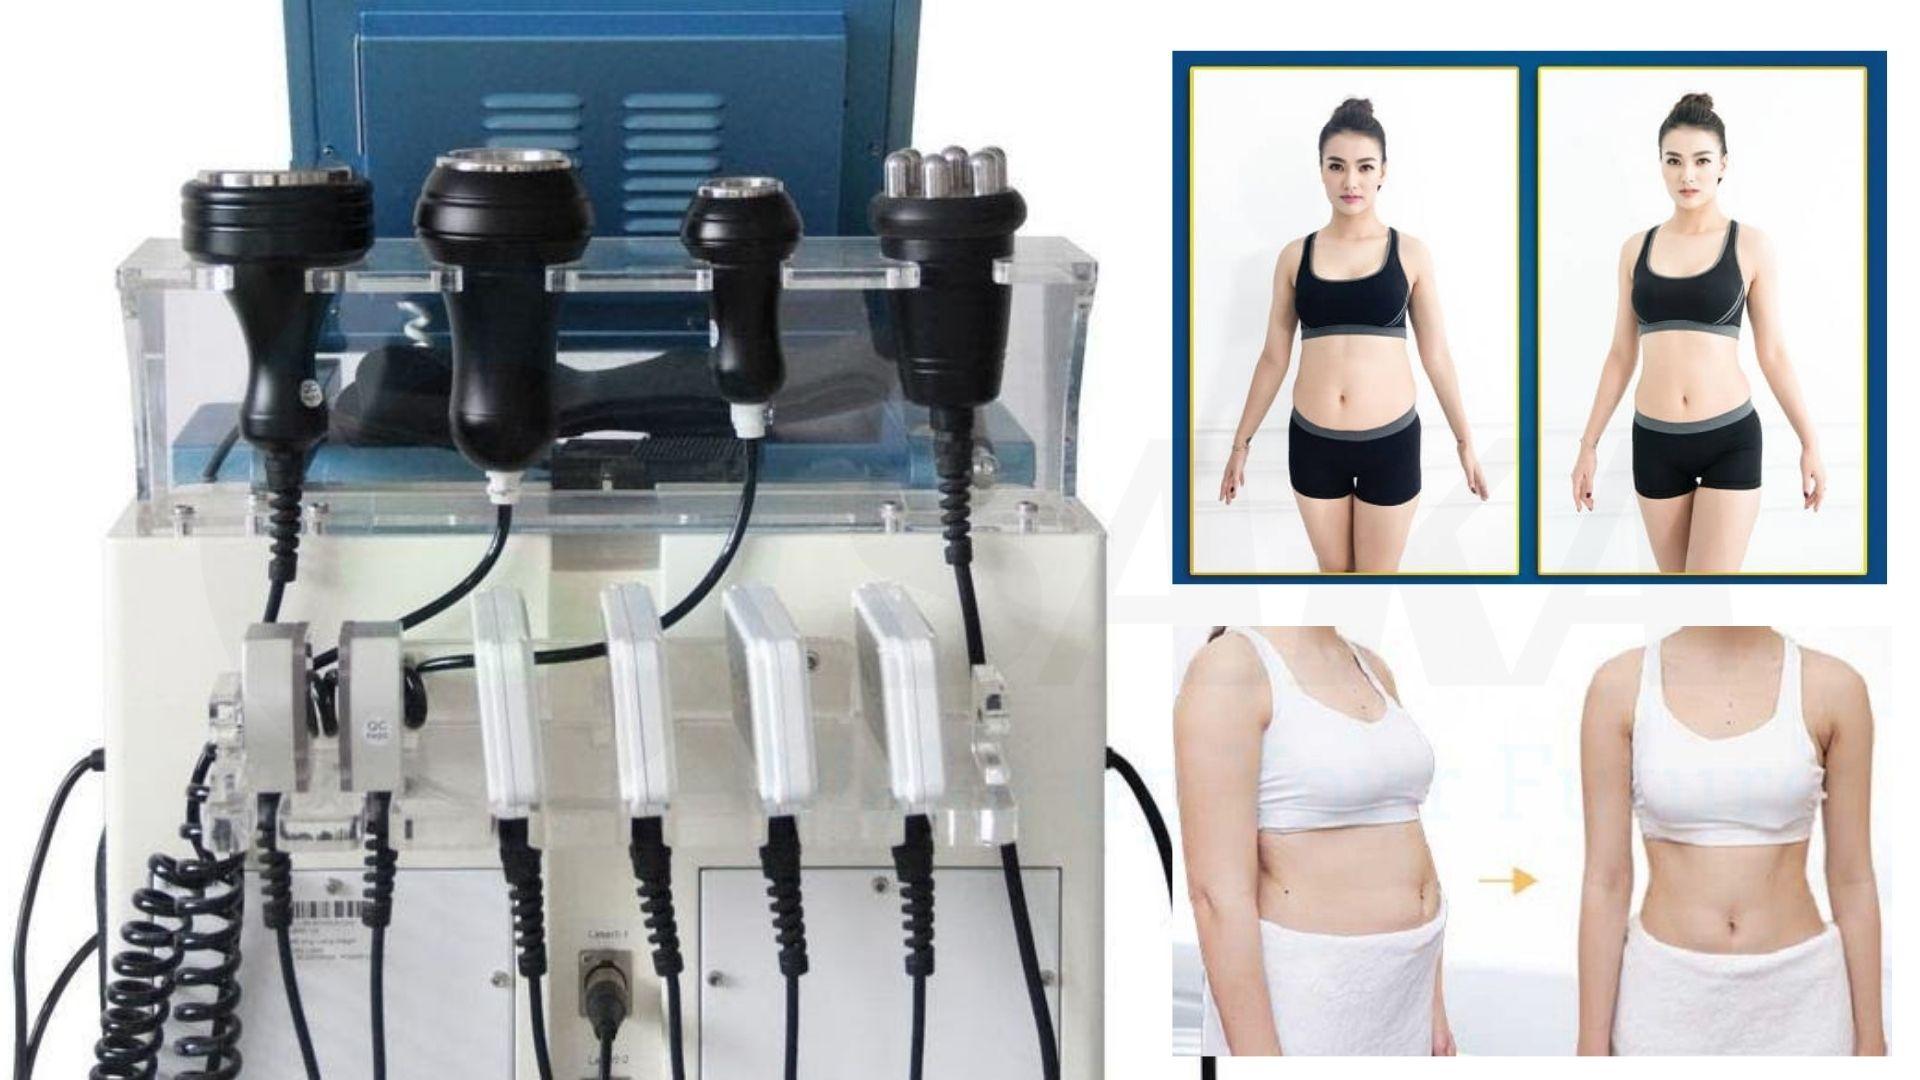 Cavitation giúp giảm béo như thế nào